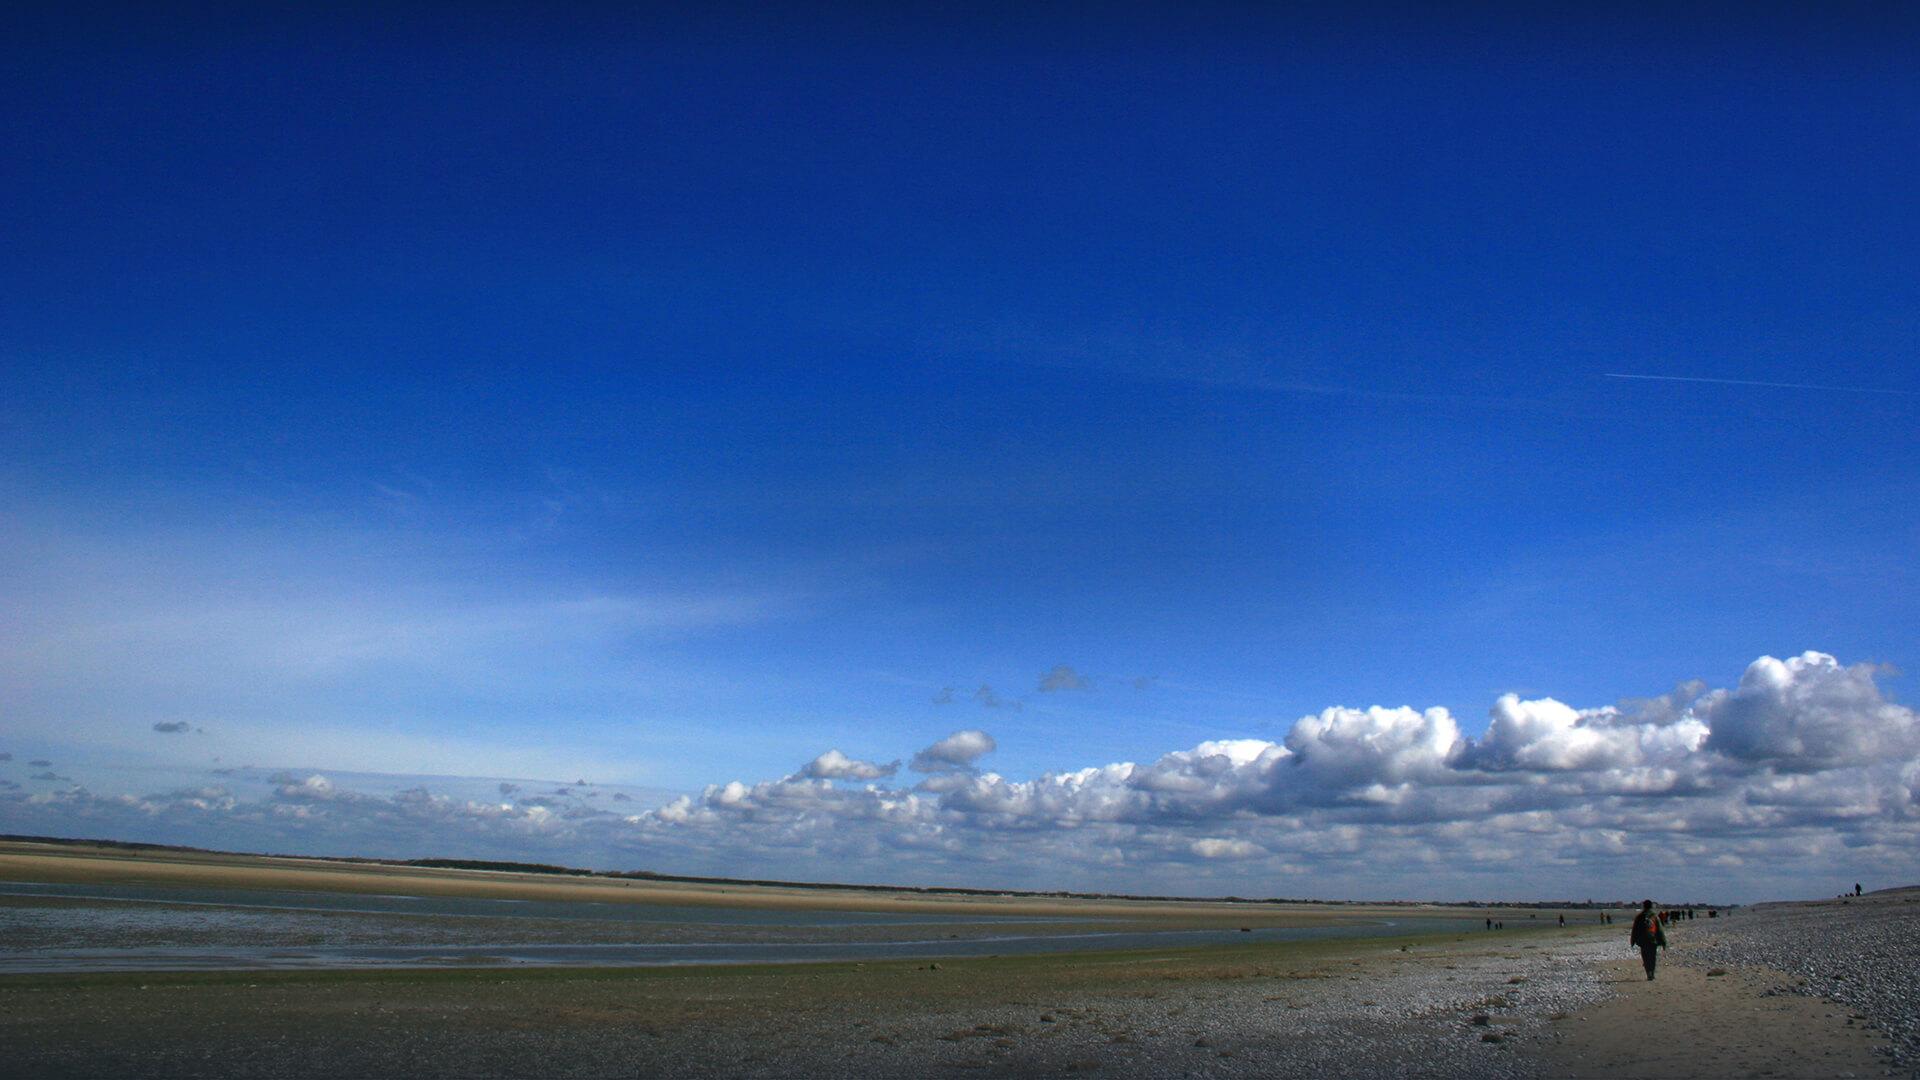 plage en Baie de Somme